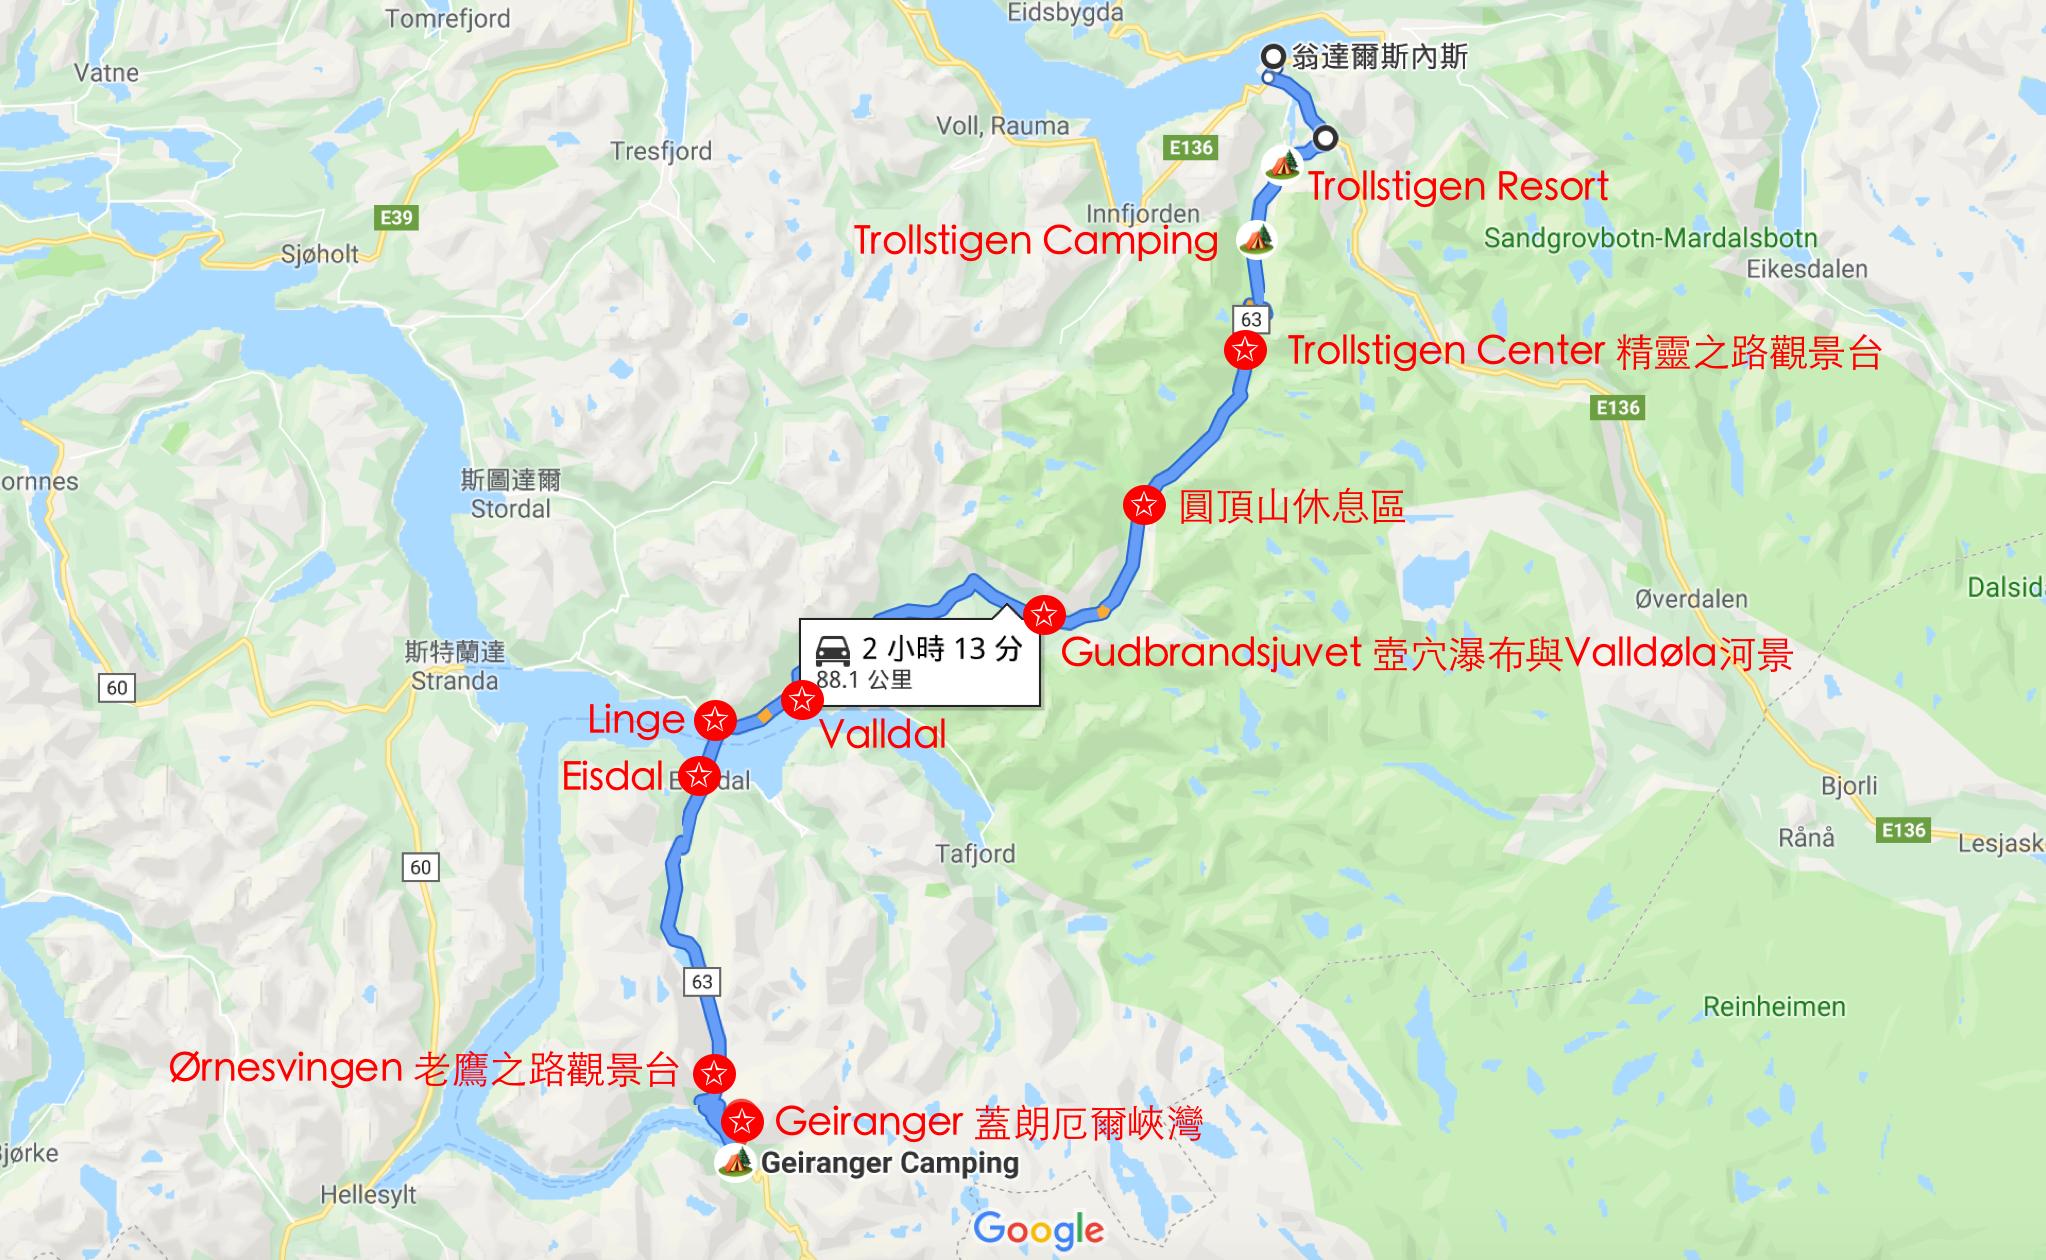 【北歐景點】Trollstigen 精靈之路 ∣ 挪威最驚險的世界級景觀公路 3